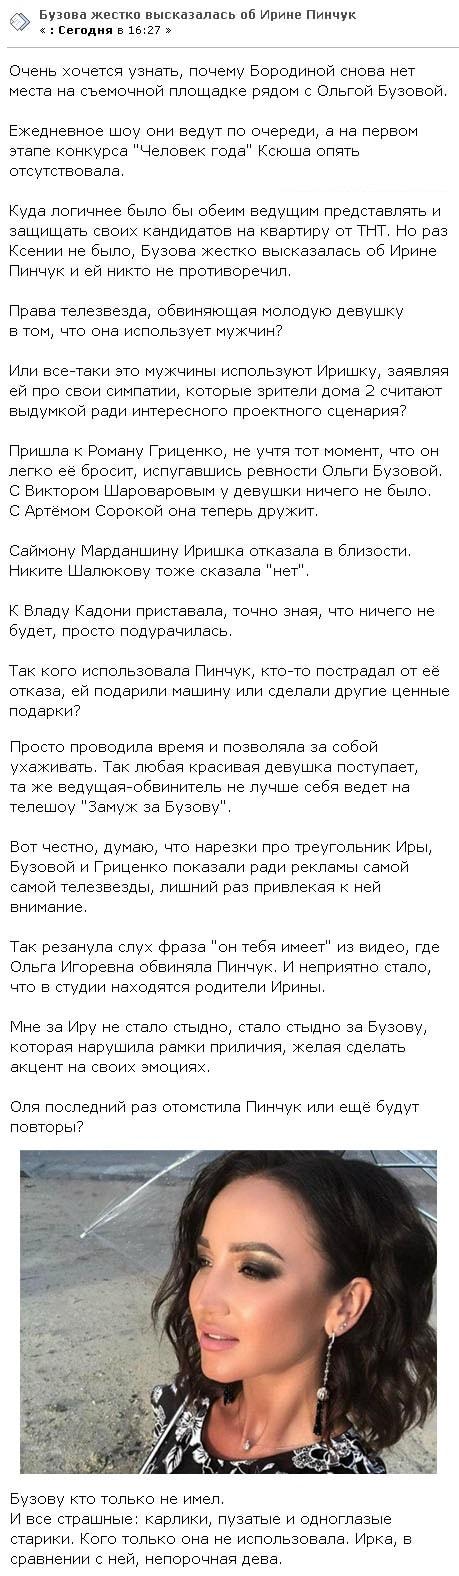 Обиженная Ольга Бузова катком прошлась по Ирине Пинчук